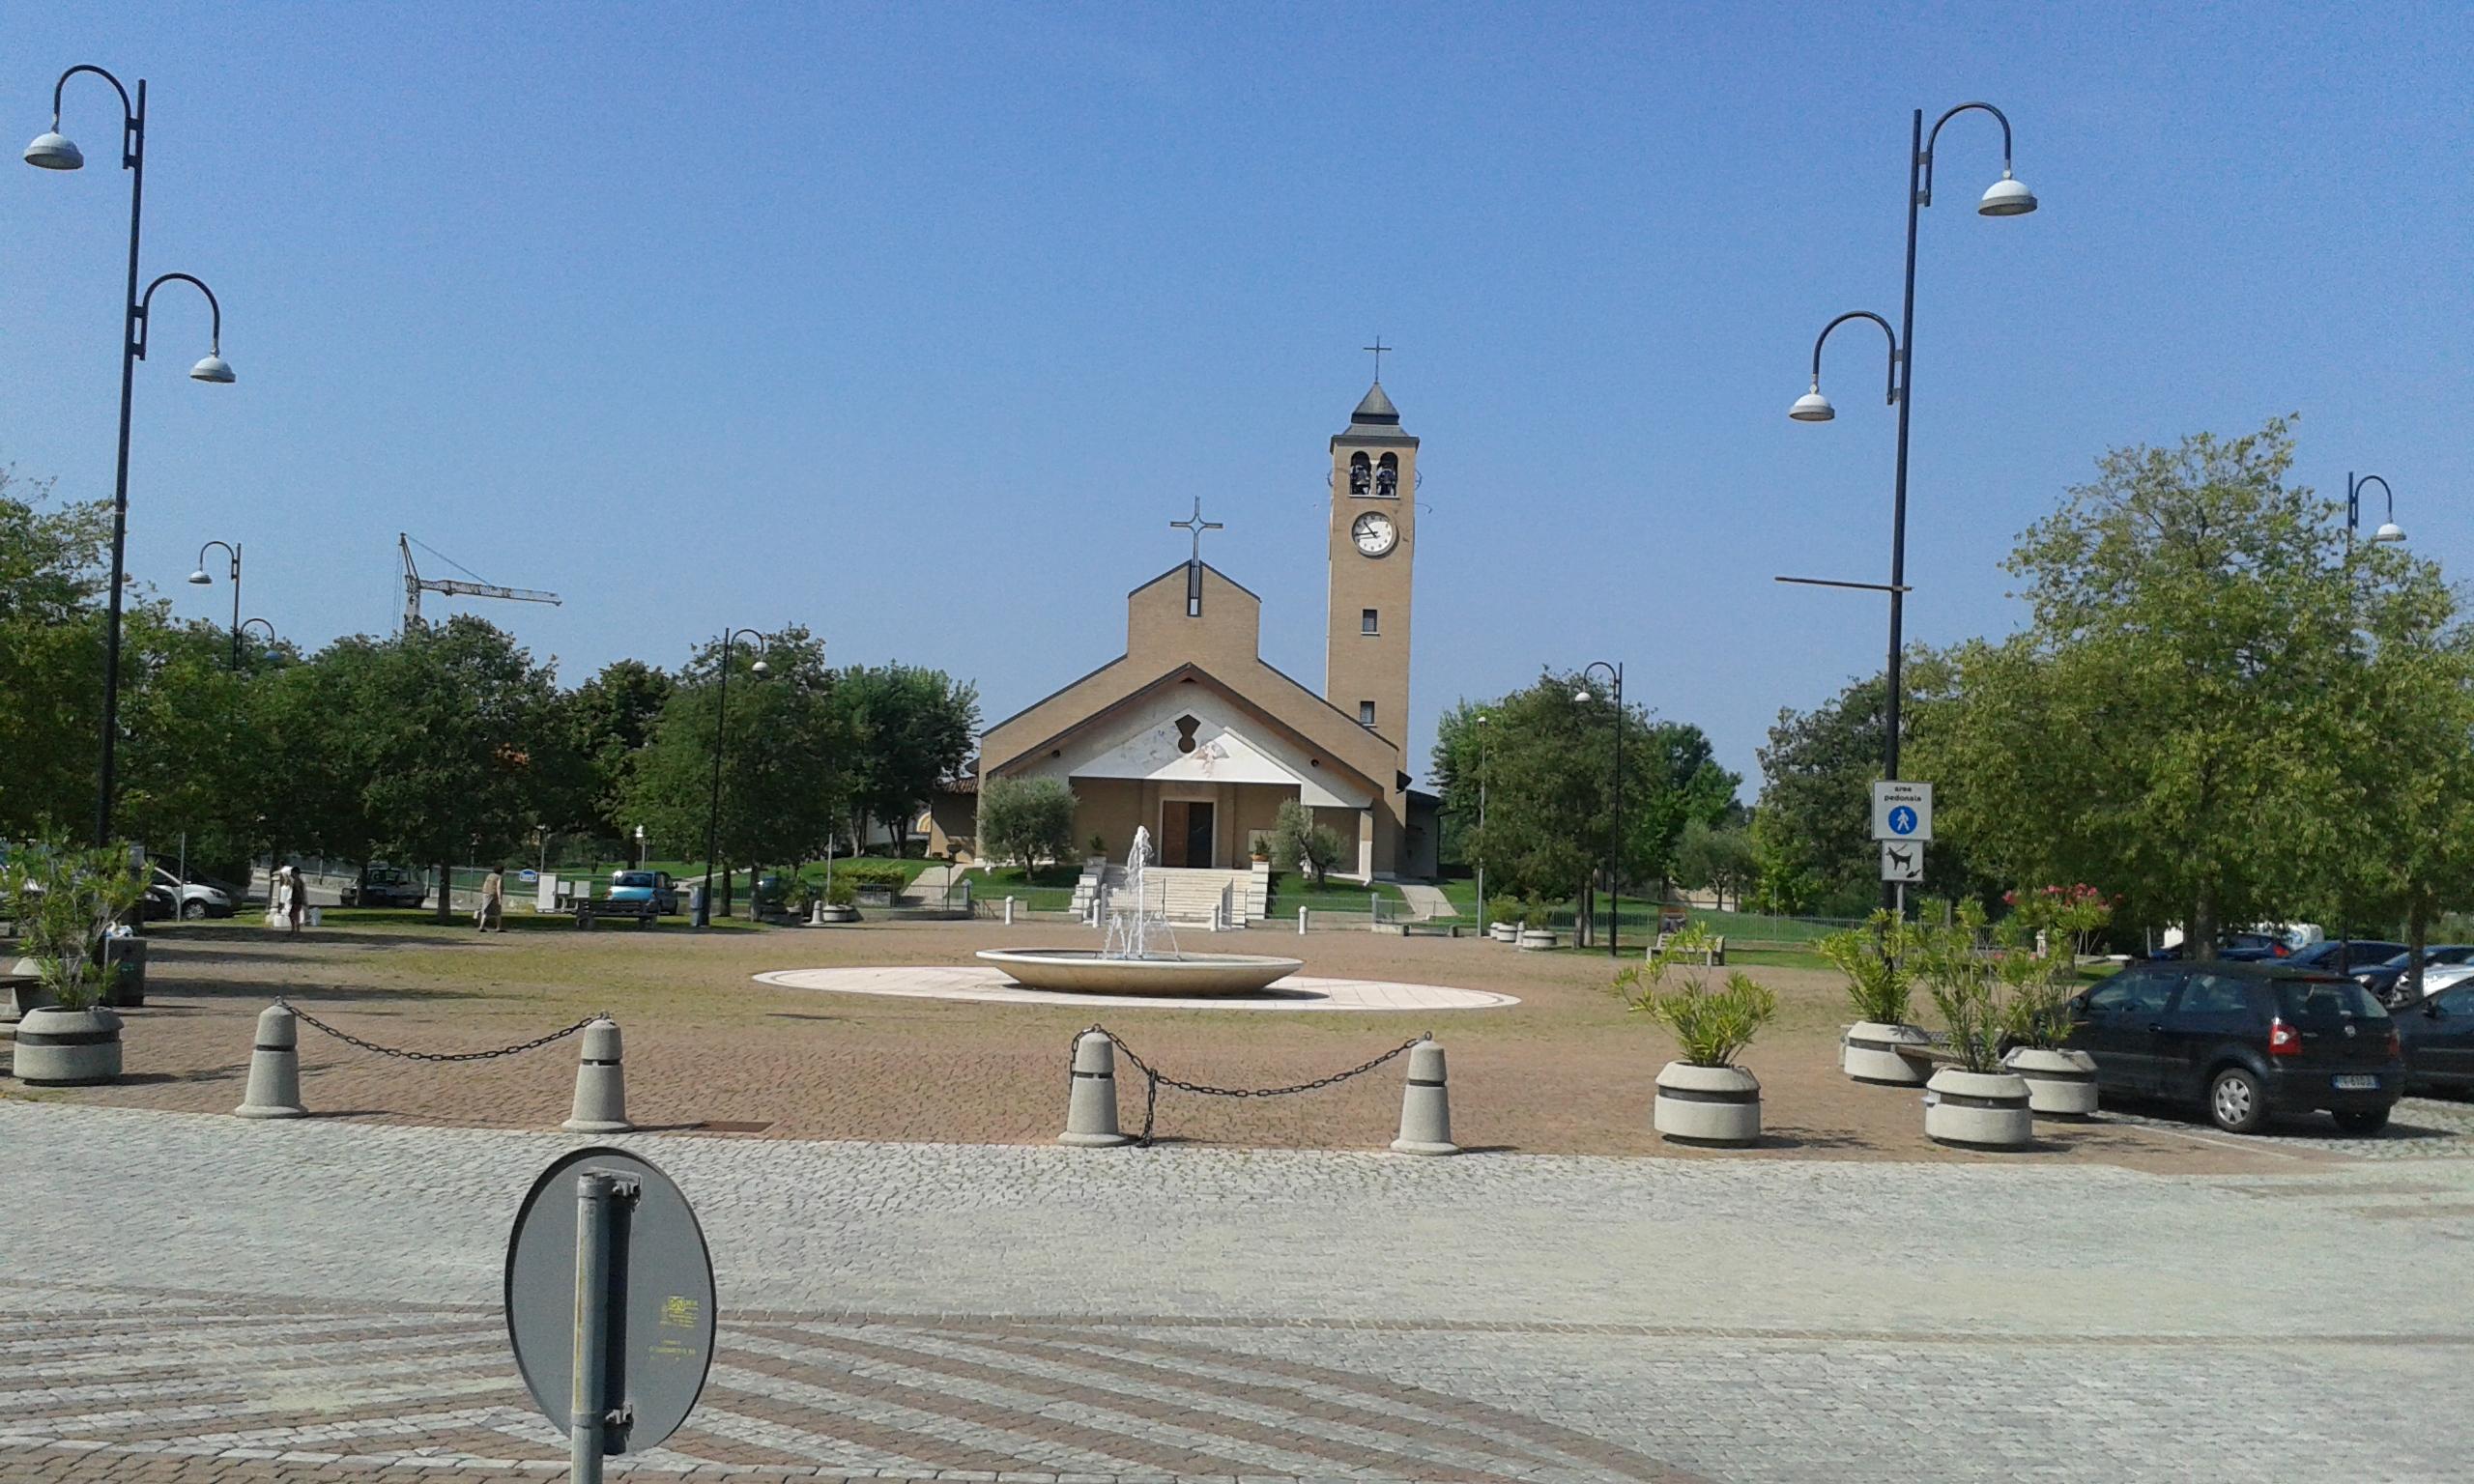 San Martino - Piazza Concordia